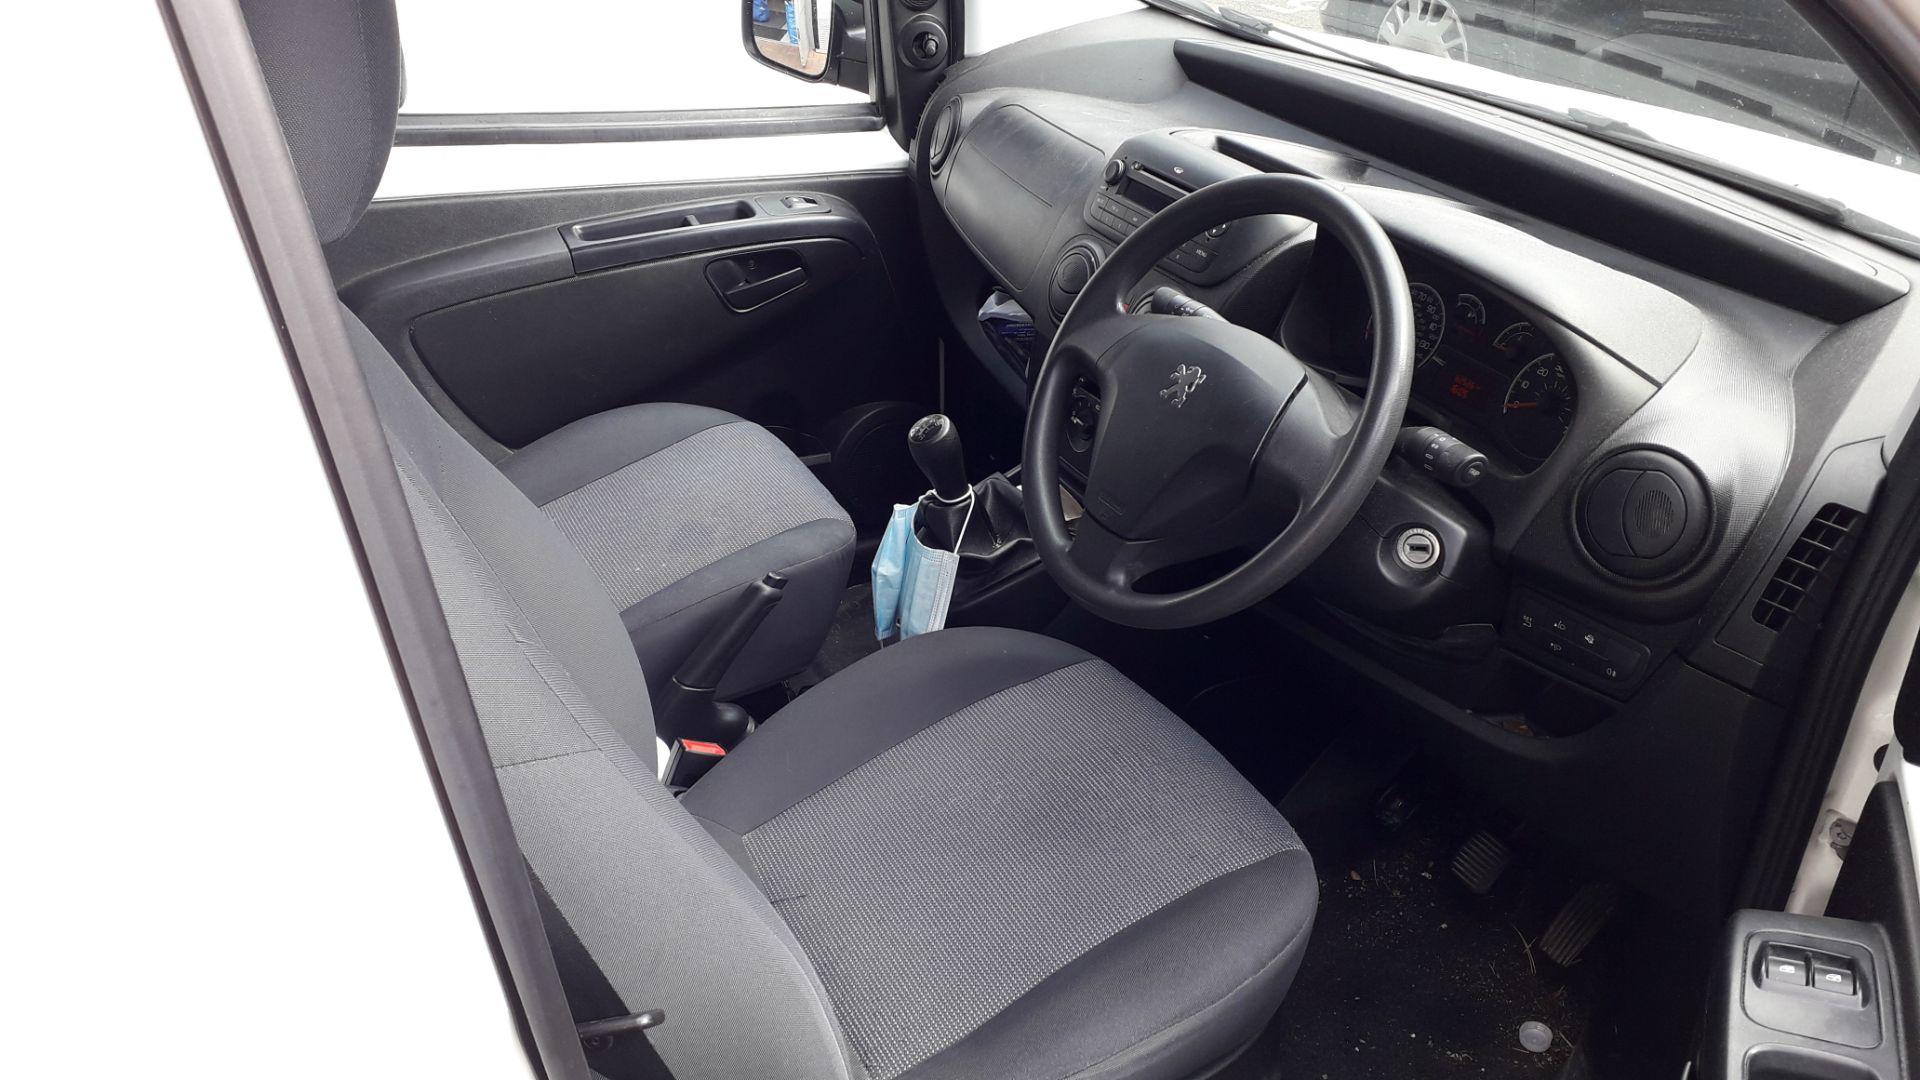 Peugeot Bipper 1.3 Hdi 75 S Diesel Van, Registrati - Image 7 of 10